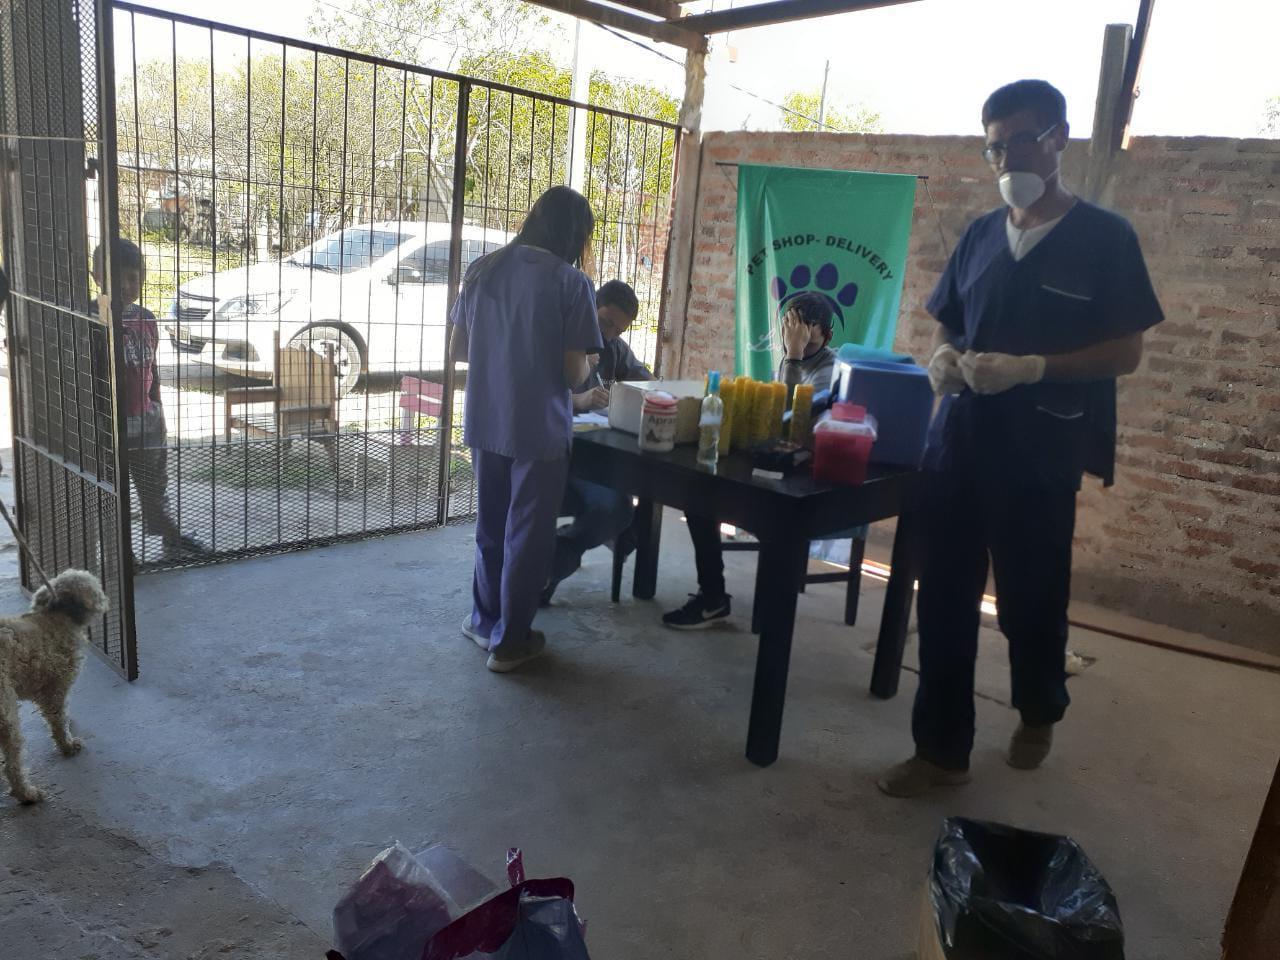 vacunacion-antirrabica-barrio-zampa 2020-09-28